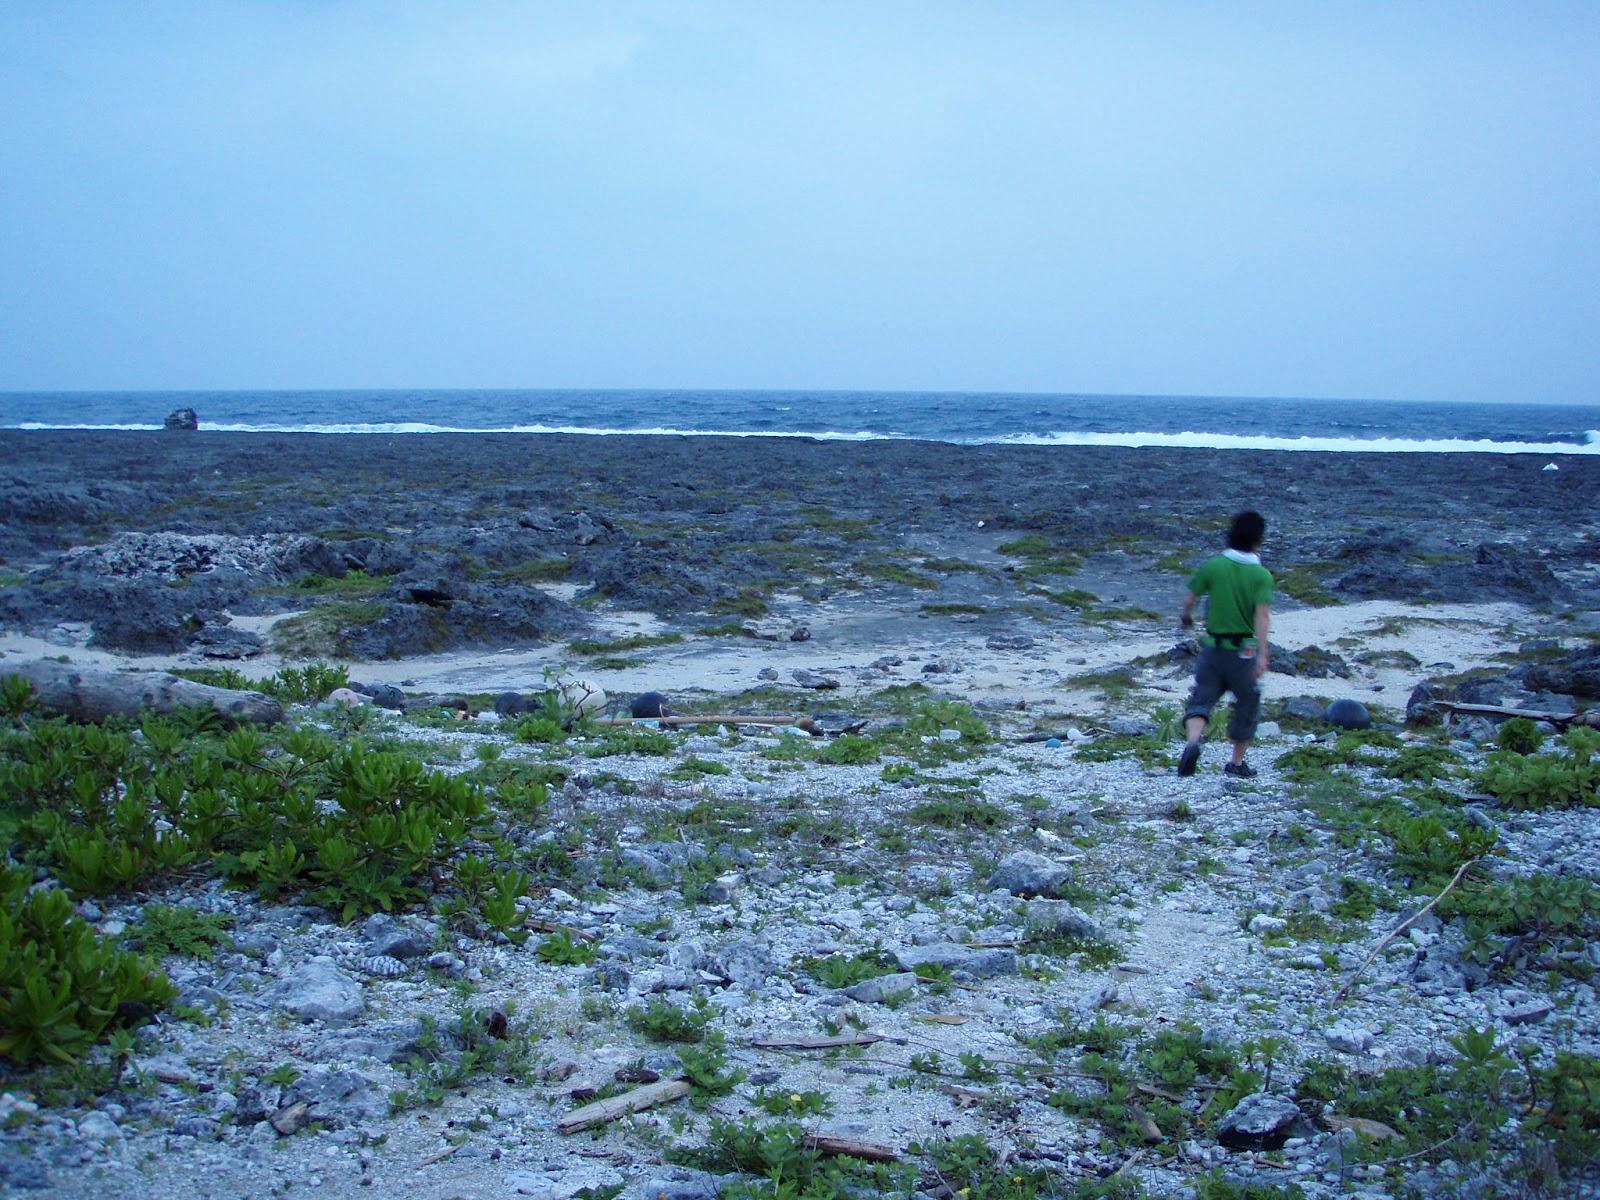 トカラ列島 横瀬海岸というところです。この島はサンゴの島だと実感できます。